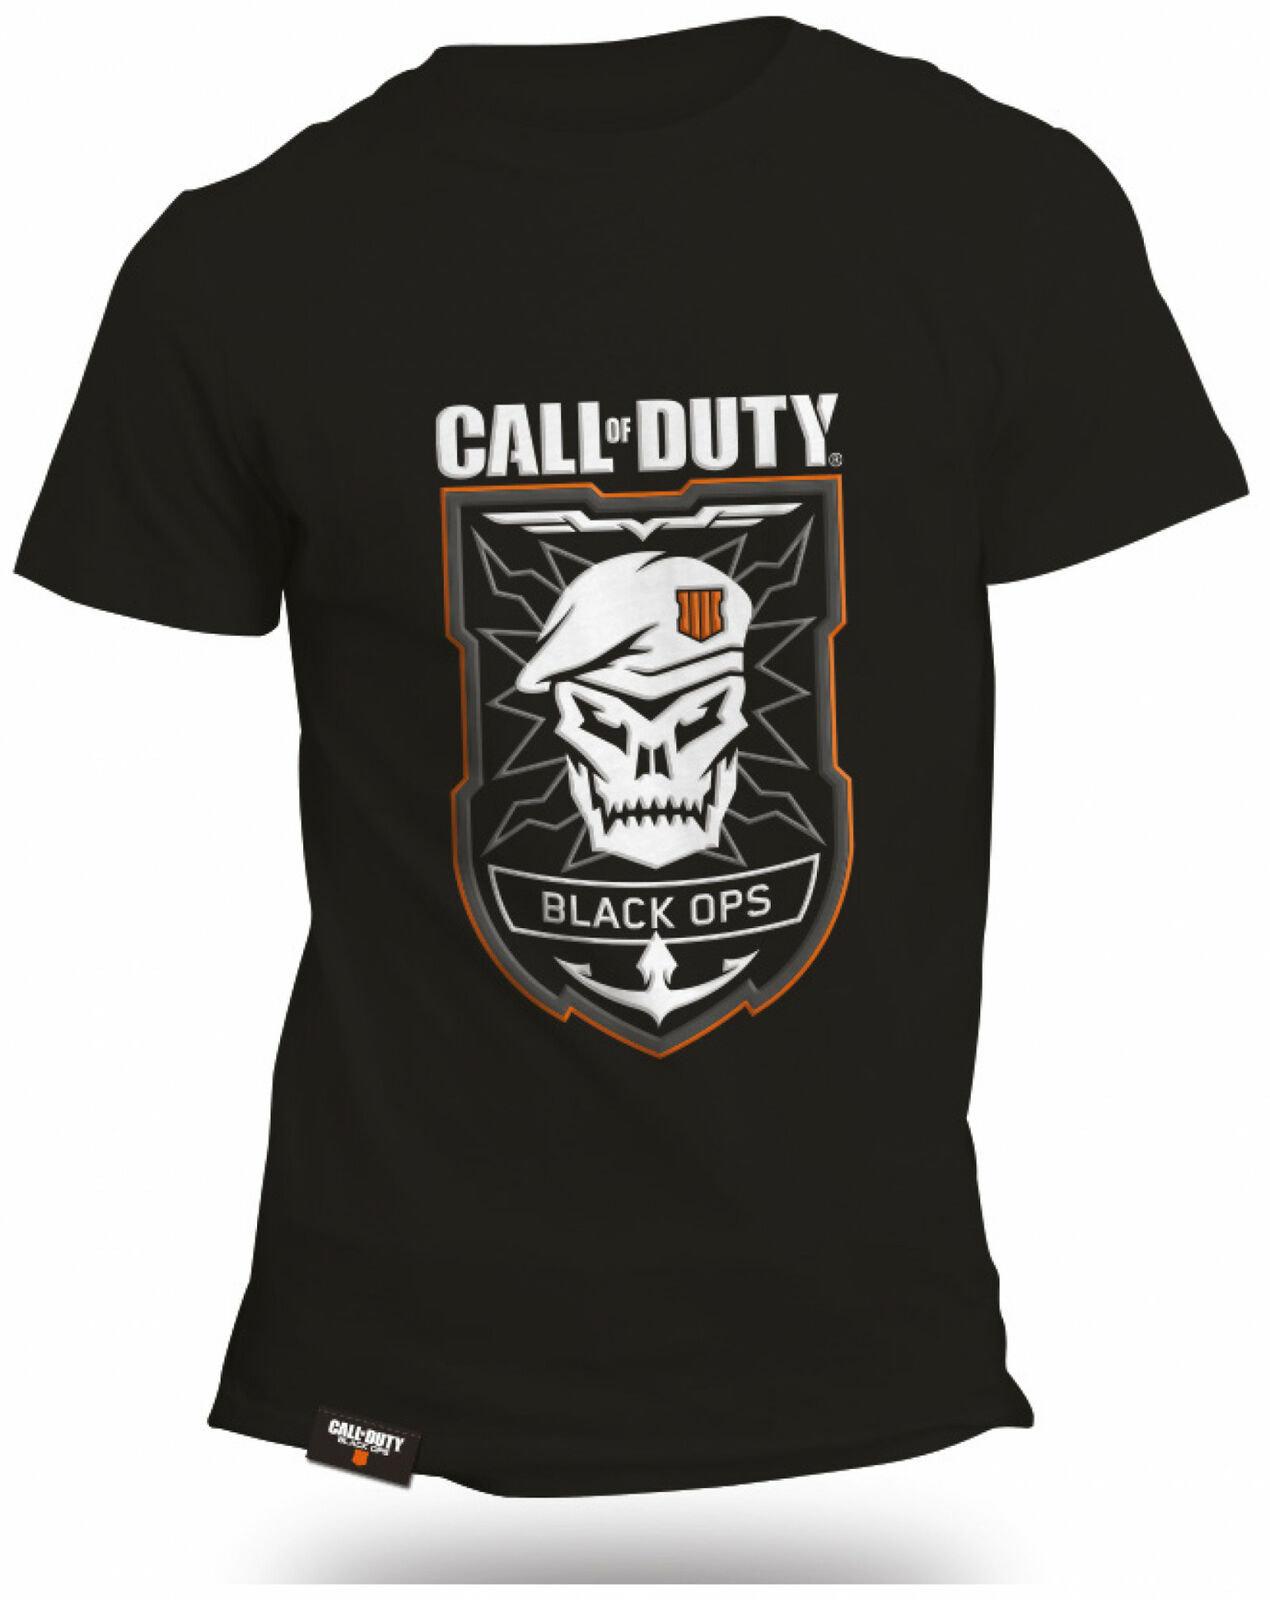 T-Shirt Call of Duty Black Ops 4 - Taille M à 7.01€, Tailles L et XL à 9,07€